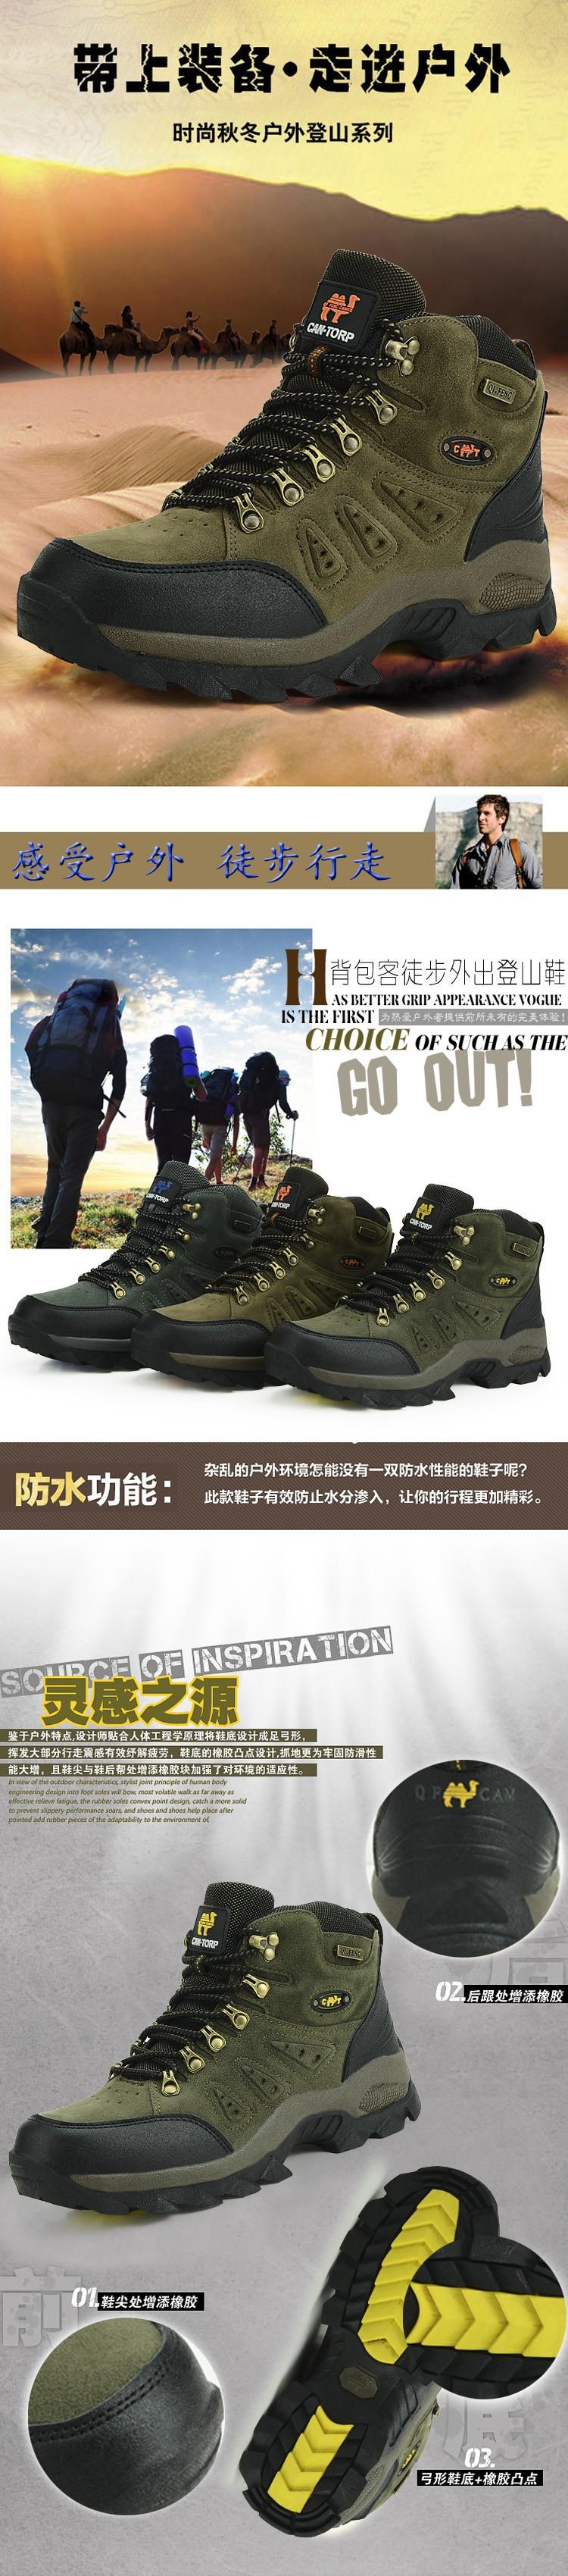 hiking shoes hs34d90 (6)